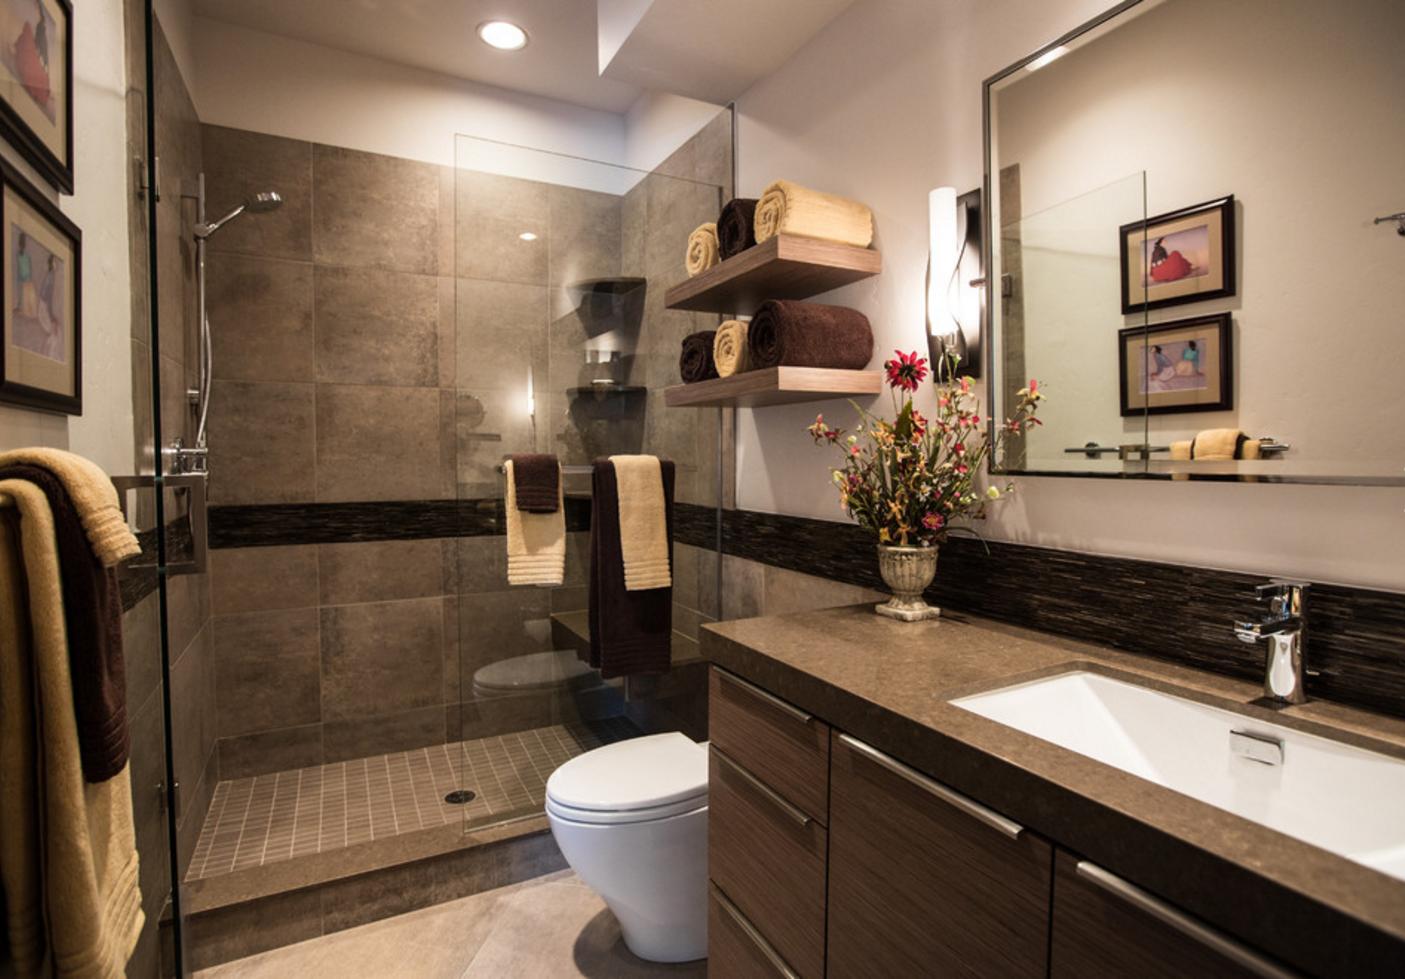 Waschtisch, Natursteine, Klassisch, Badezimmer, Kleine Badezimmerregale,  Badezimmerspiegel, Badezimmer Farben, Badezimmerideen, Halbes Badezimmer